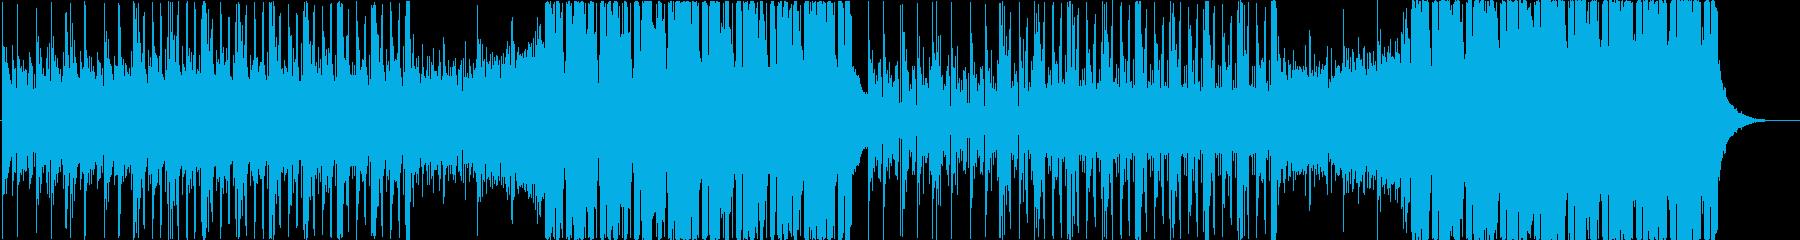 空をイメージしたカラフルなEDMの再生済みの波形